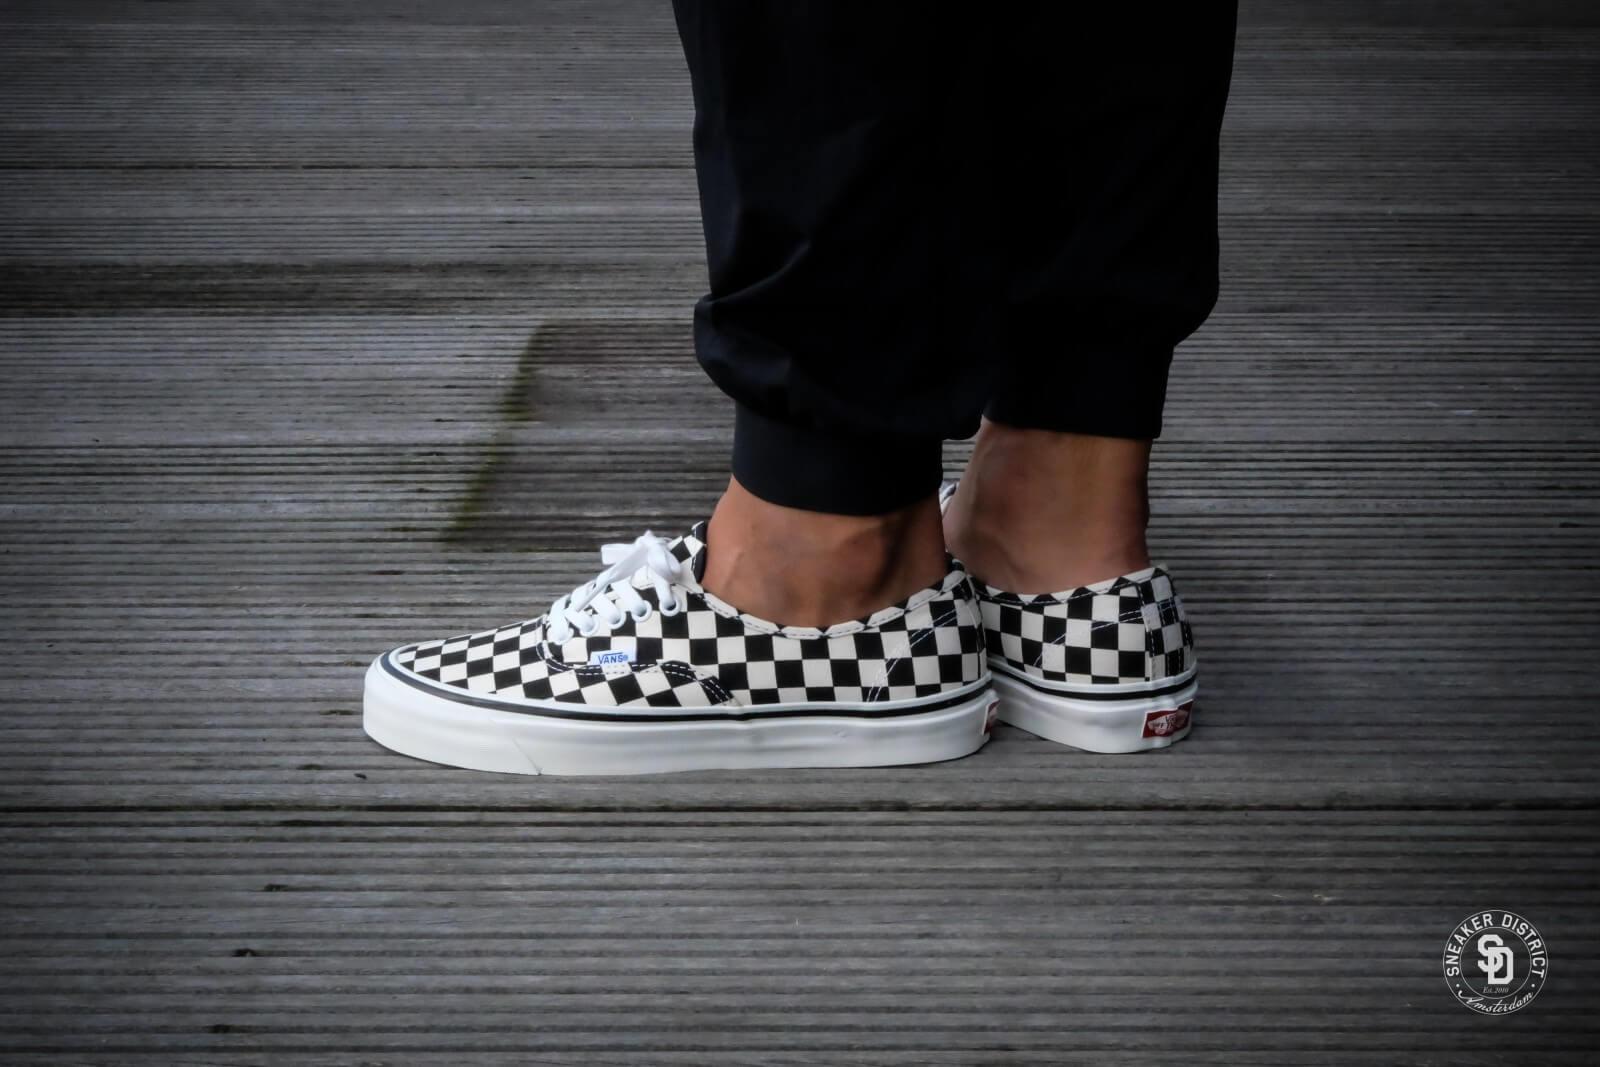 Vans Anaheim Checkerboard Authentic 44 Dx